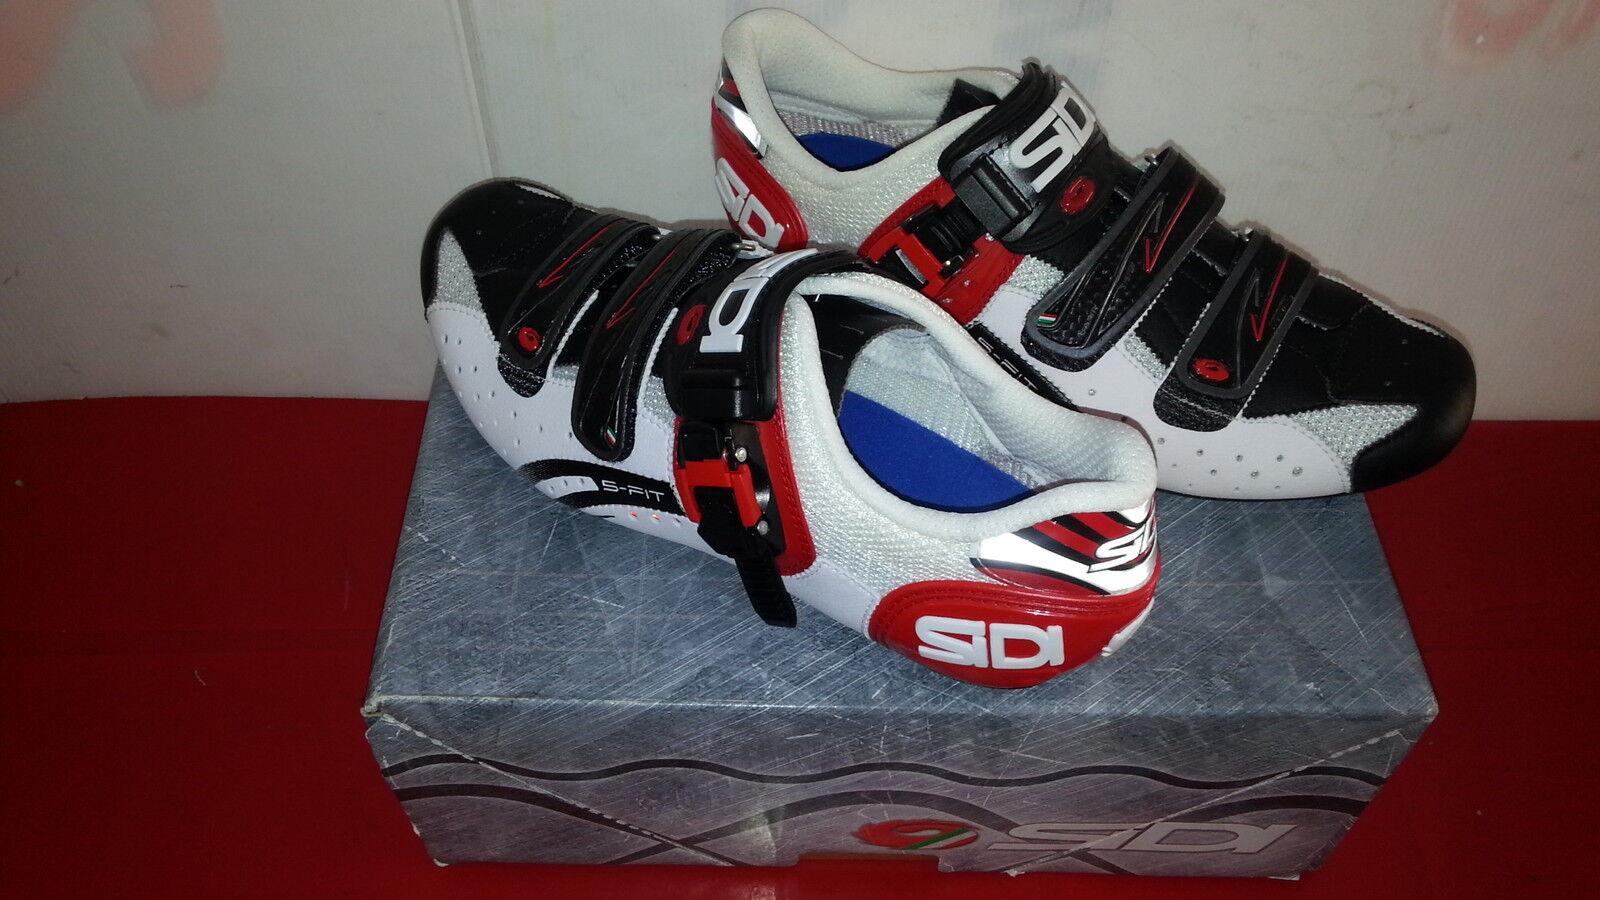 Schuhe SIDI X X SIDI BICI DA CORSA GENIUS 5 FIT CARBON TG 46 BIANCO NERO ROSSO 0fa3ed